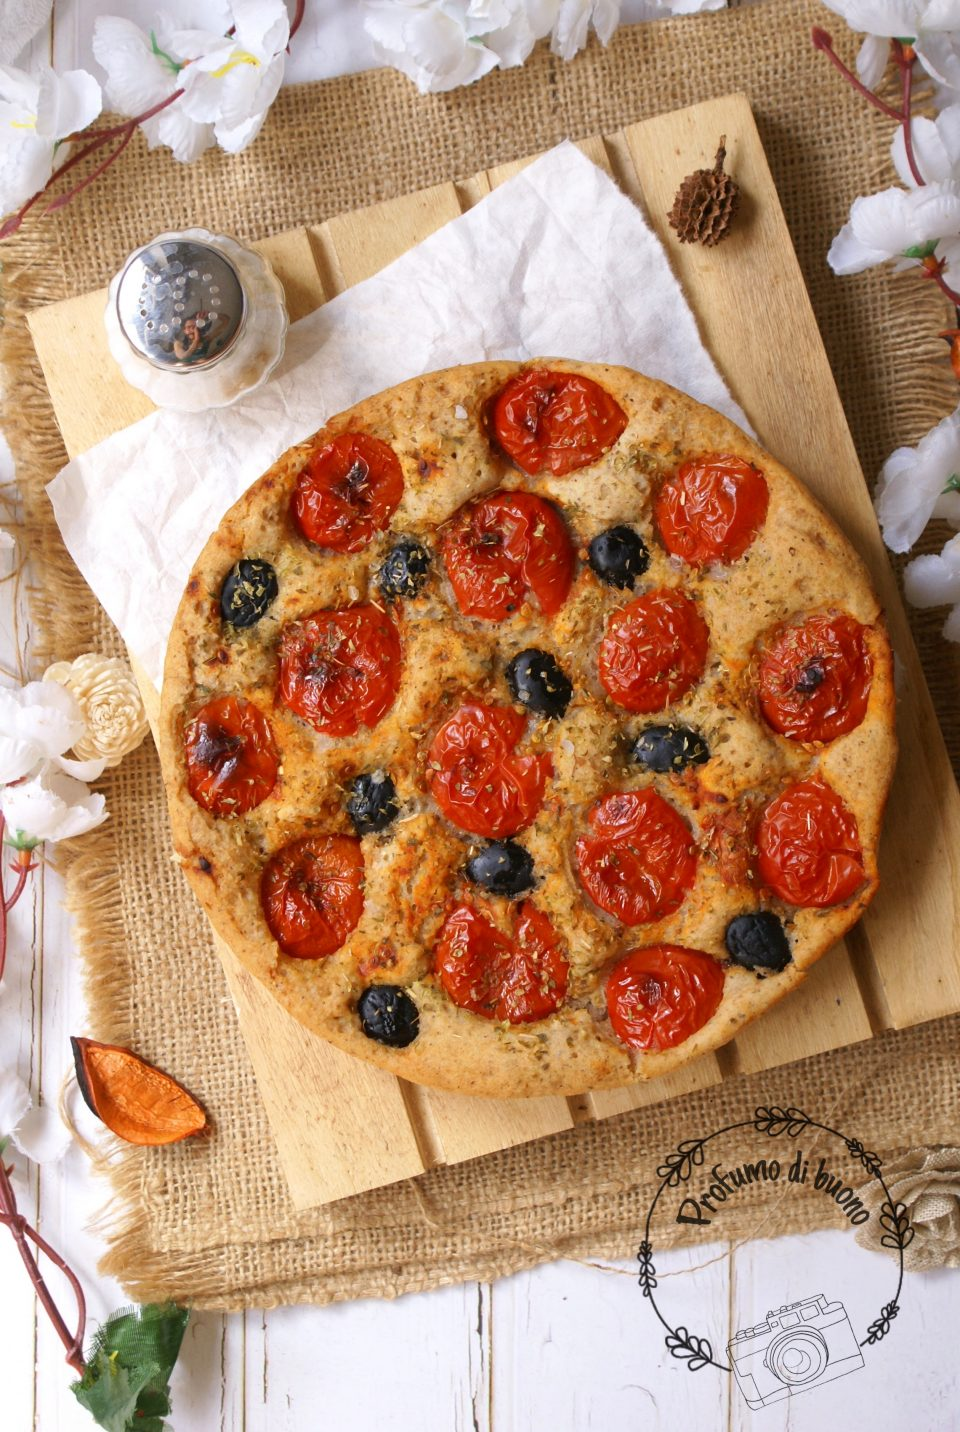 focaccia al grano saraceno senza glutine con pomodorini, olive nere e origano